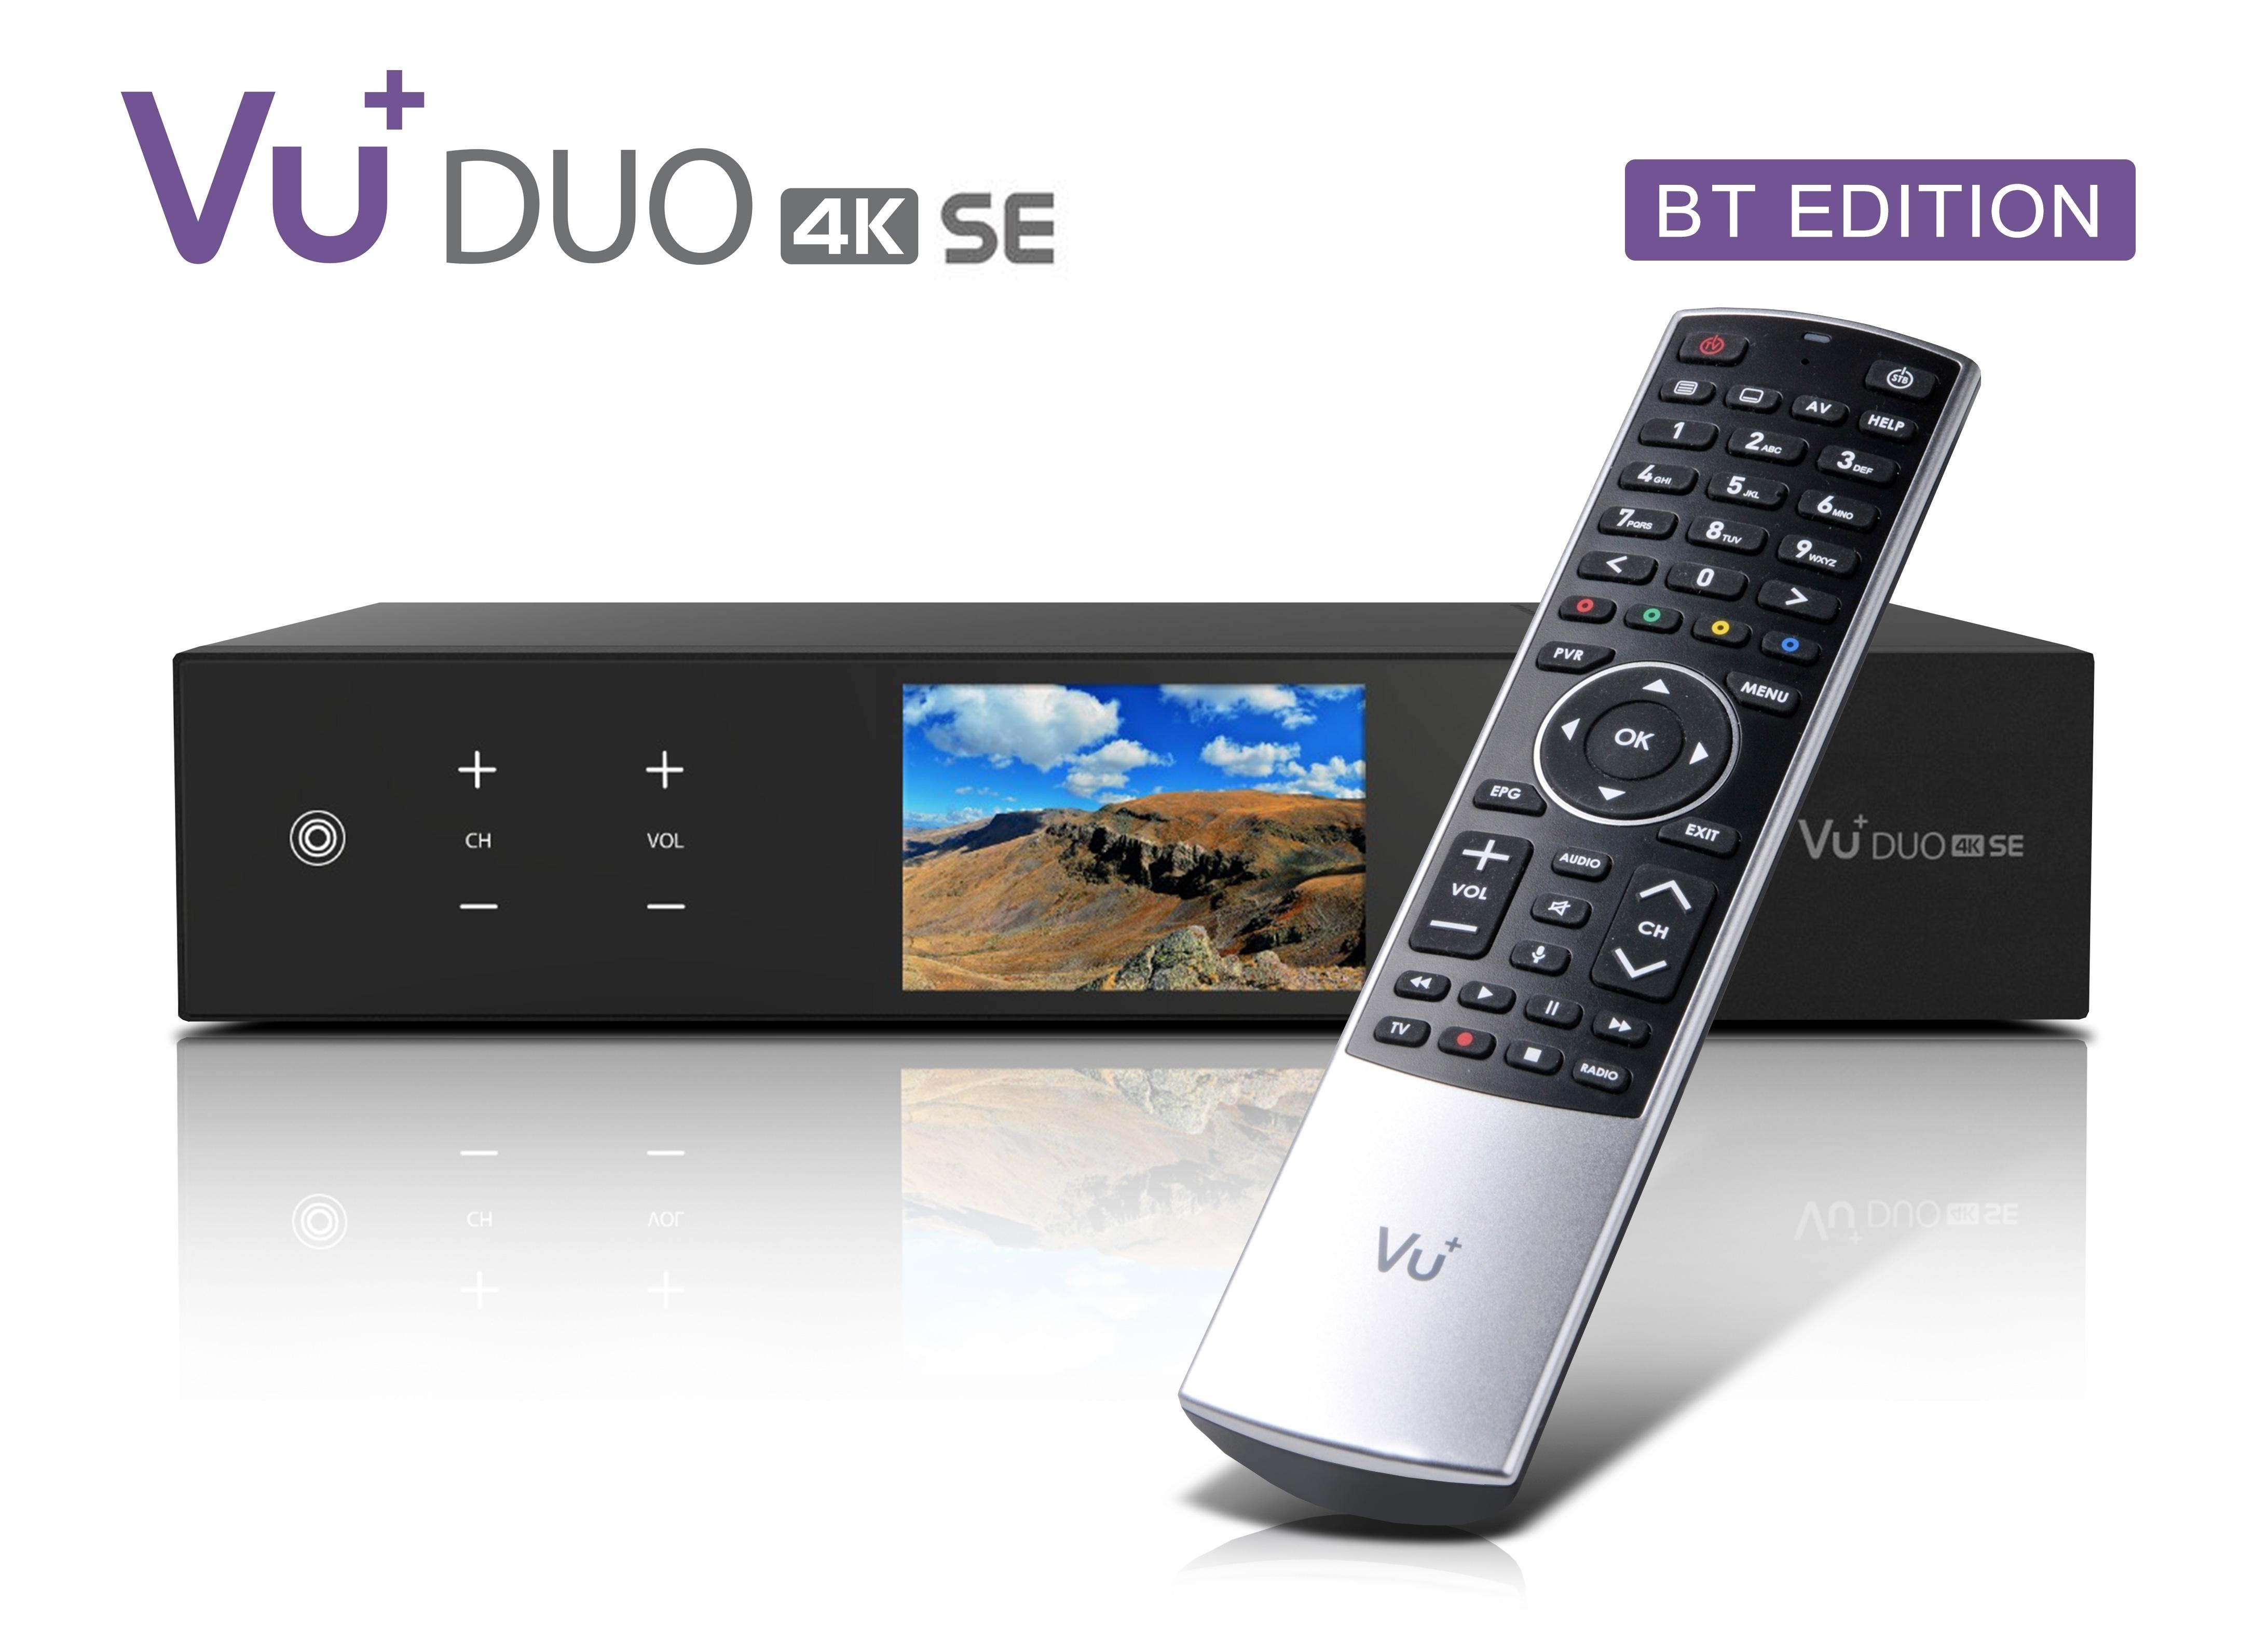 VU+ Duo 4K SE BT 1x DVB-C FBC Tuner 2 TB HDD Linux Receiver UHD 2160p